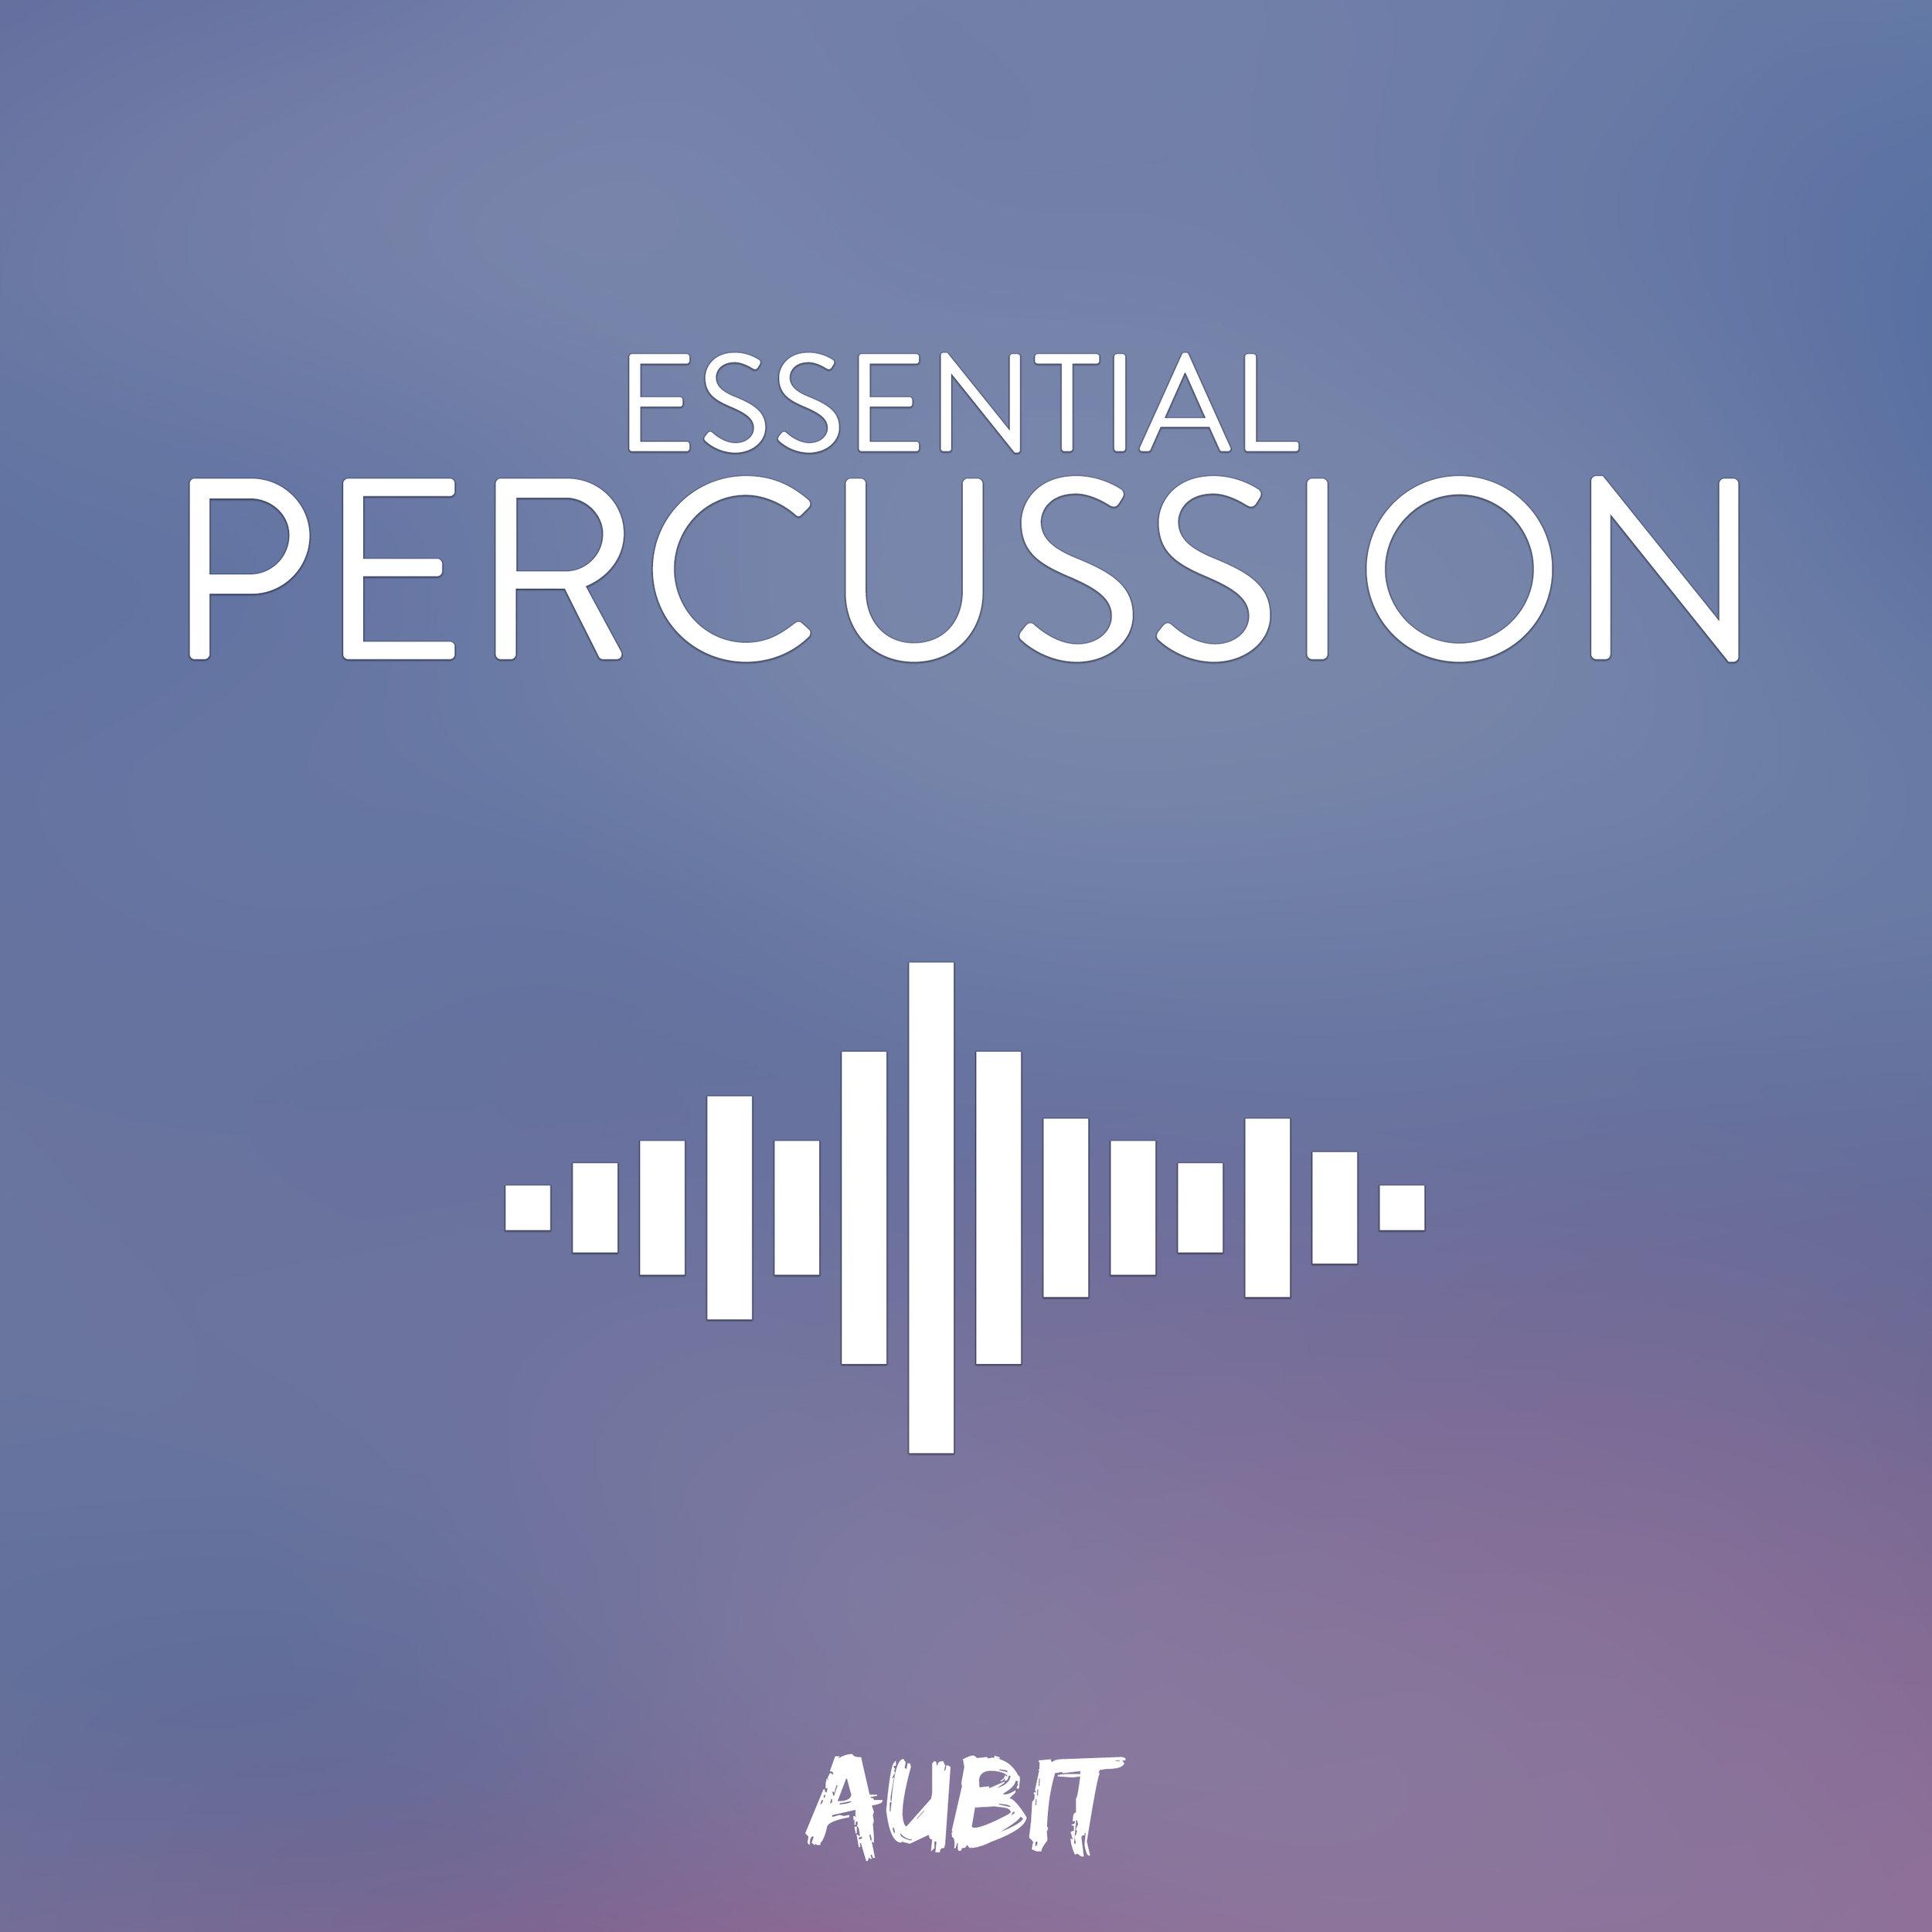 Aubit - Essential Percussion.jpg